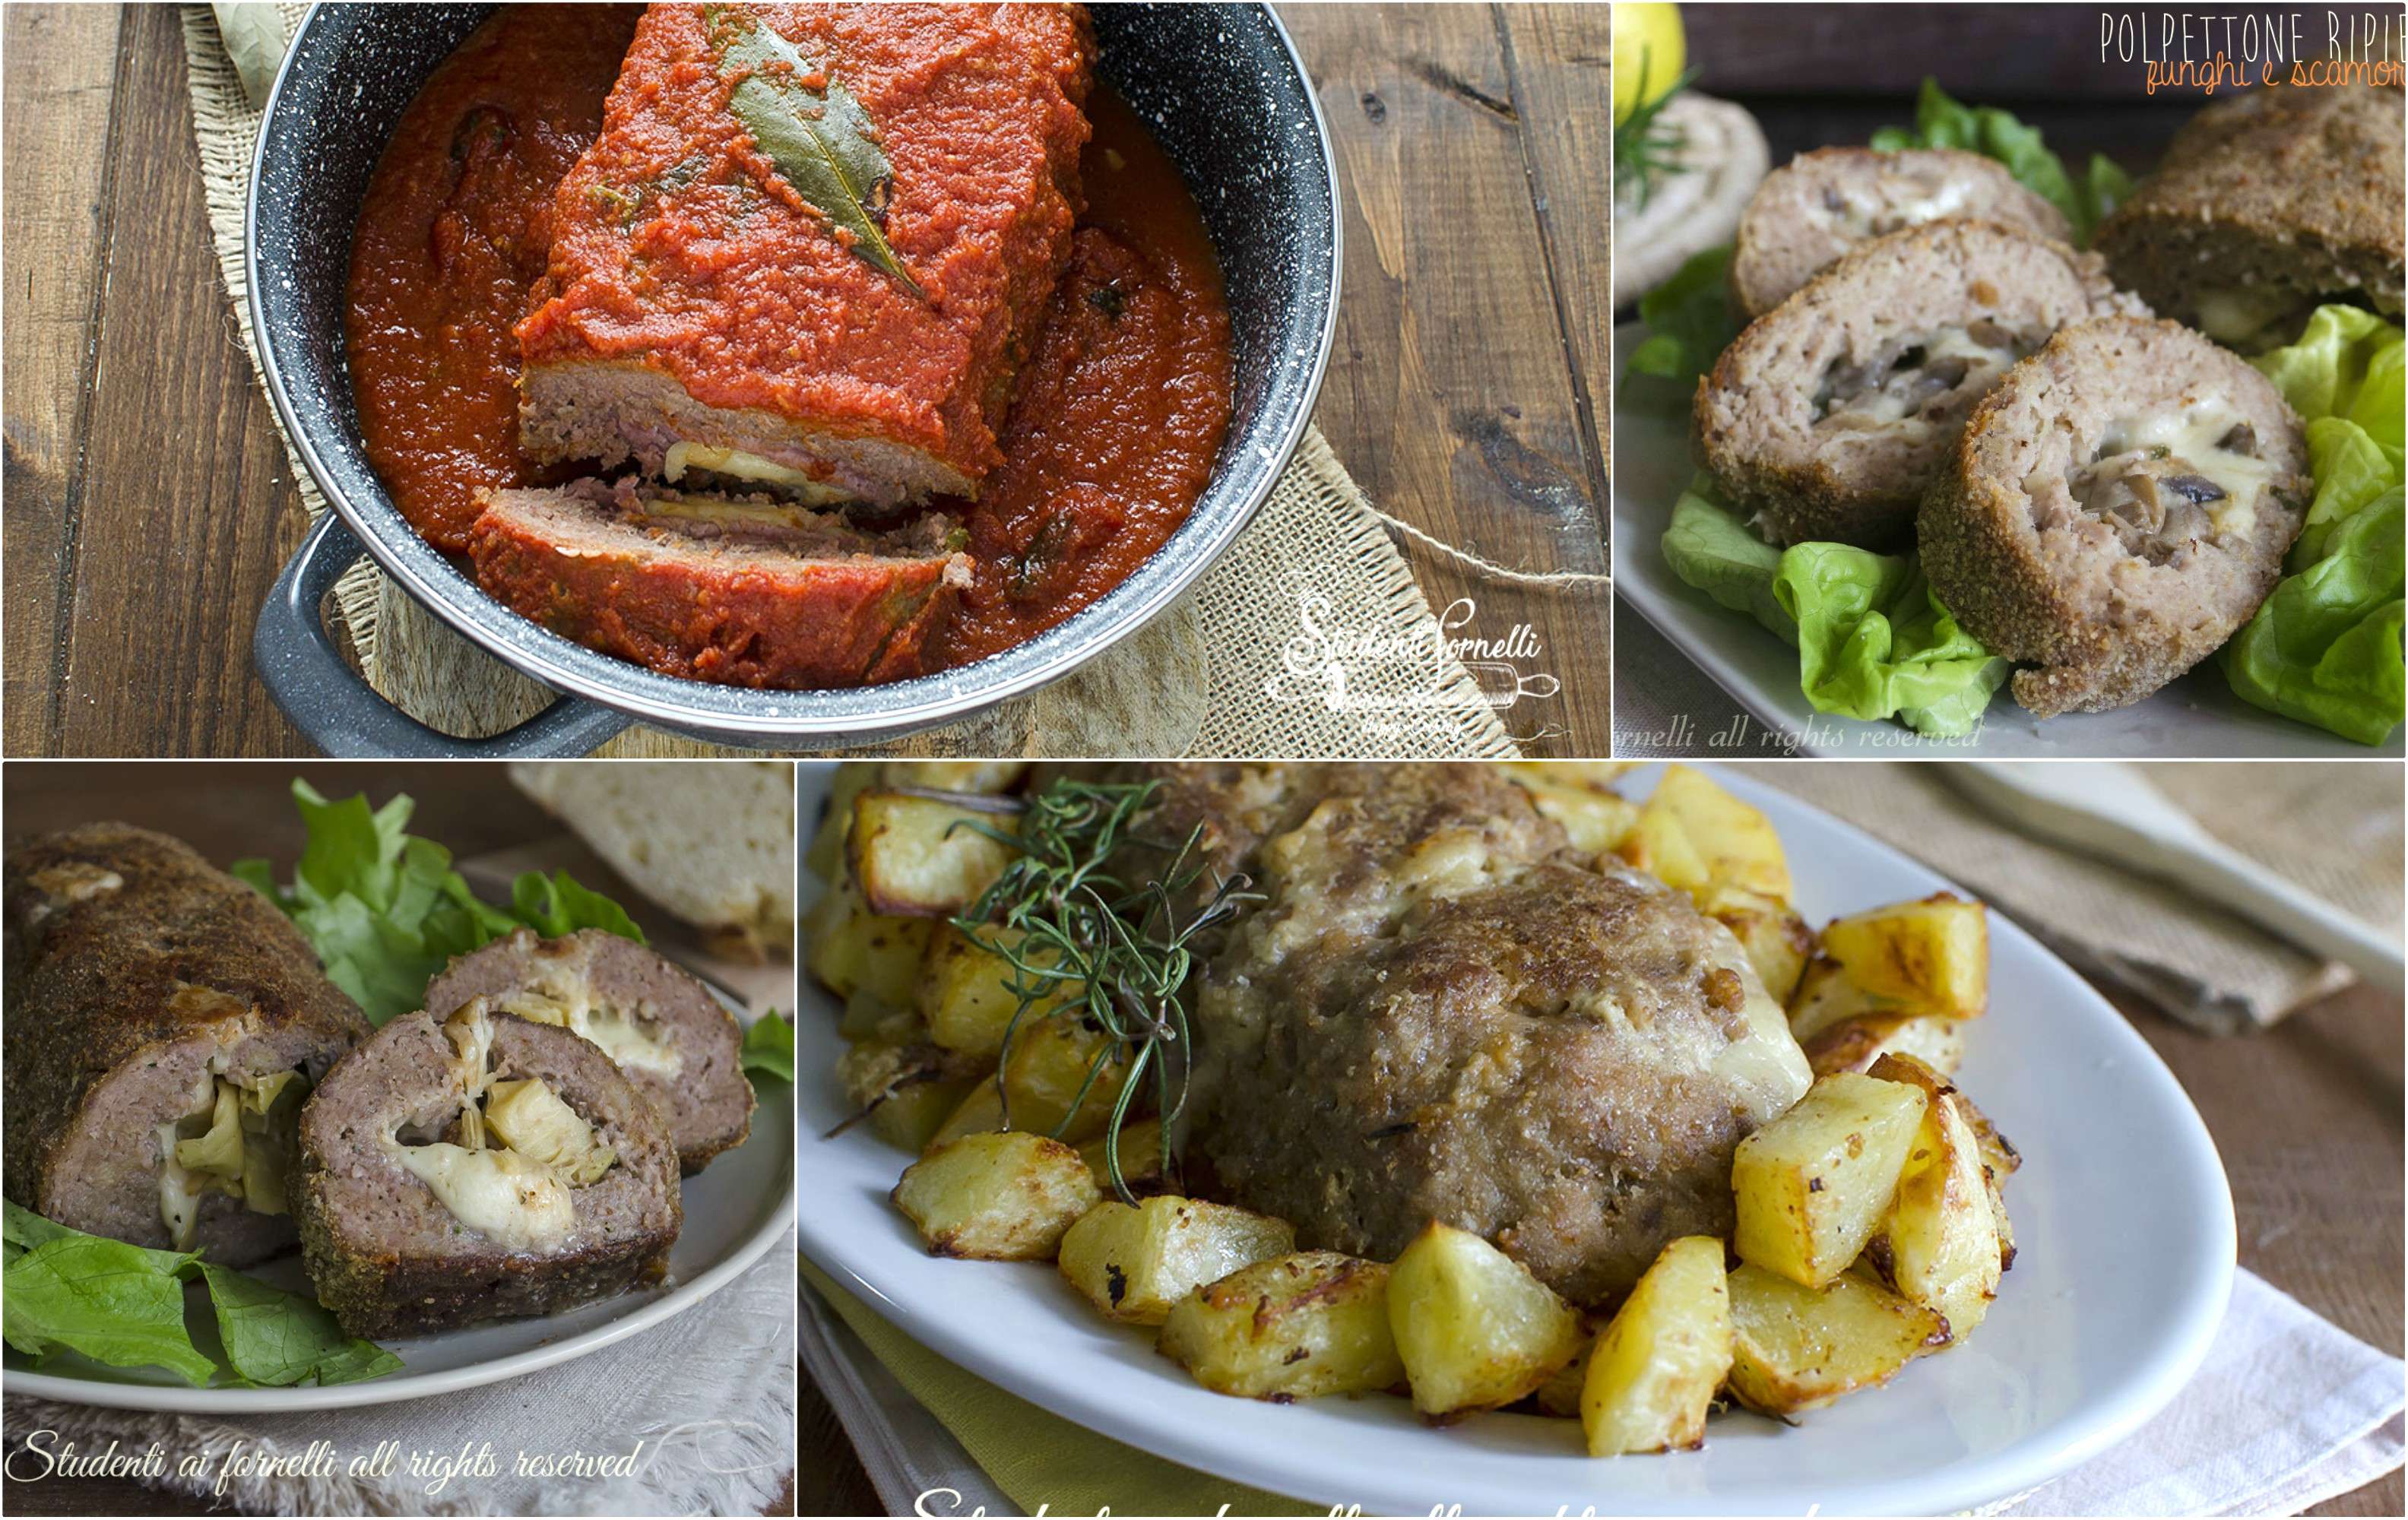 ricette di polpettoni di carne al forno o in padella polpettone morbido impasto ricetta secondo